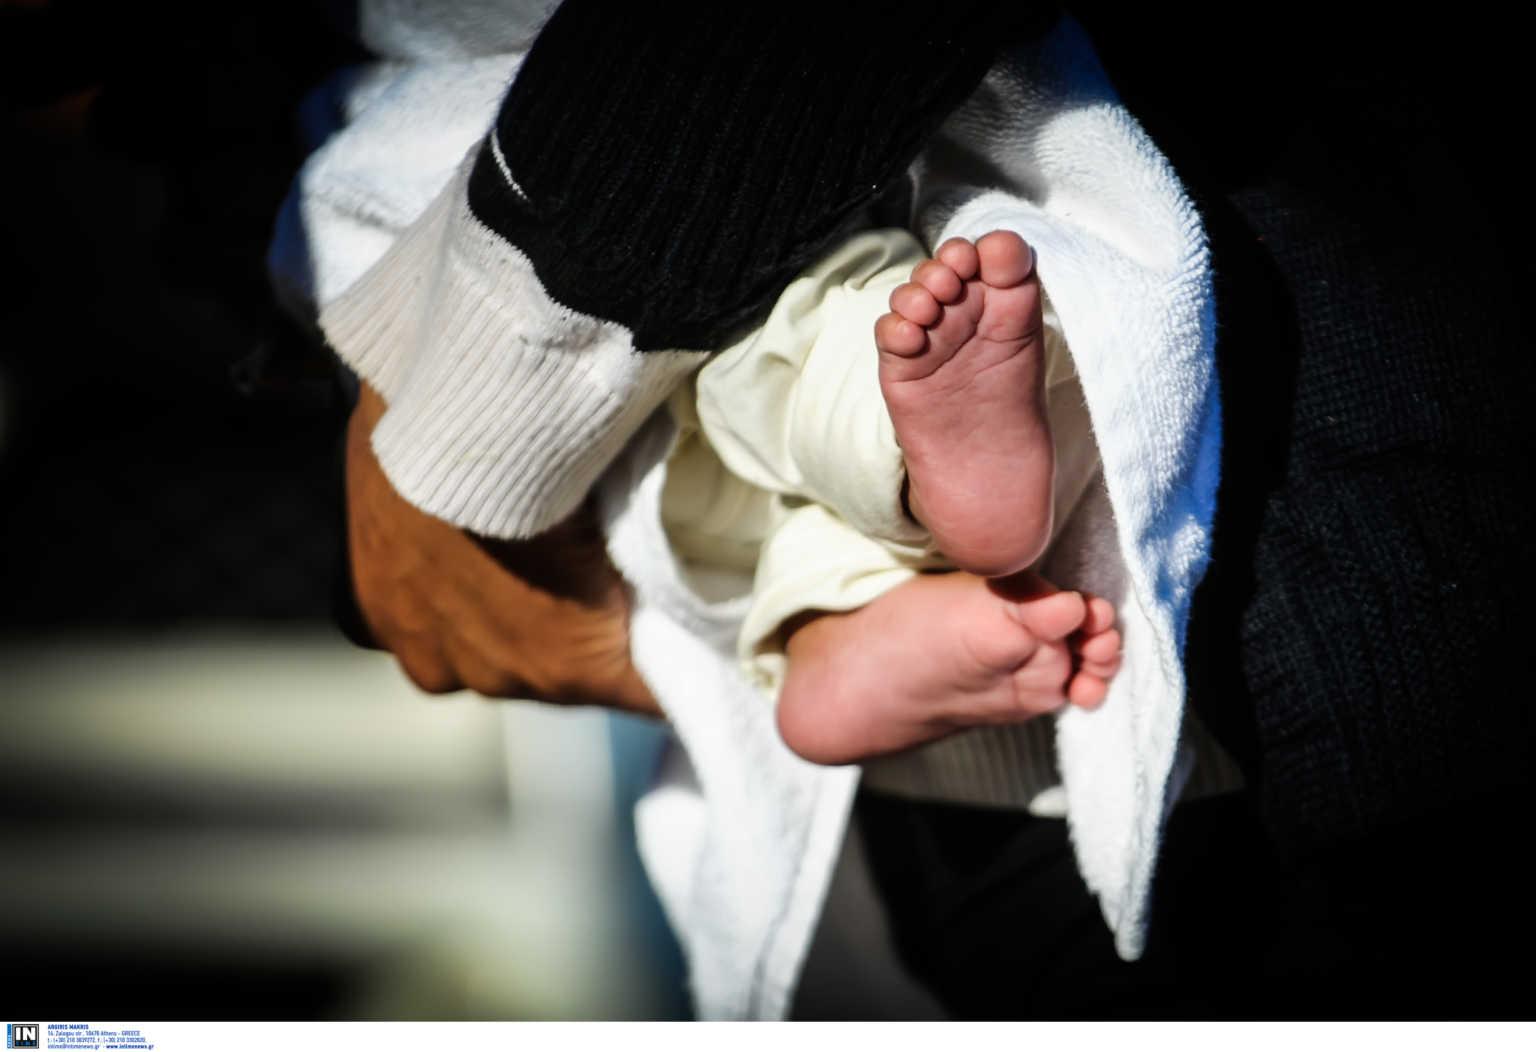 Εύβοια: Πέθανε μωρό 8 μηνών – Οι γονείς του καταγγέλλουν ότι το έμαθαν τρεις μέρες μετά